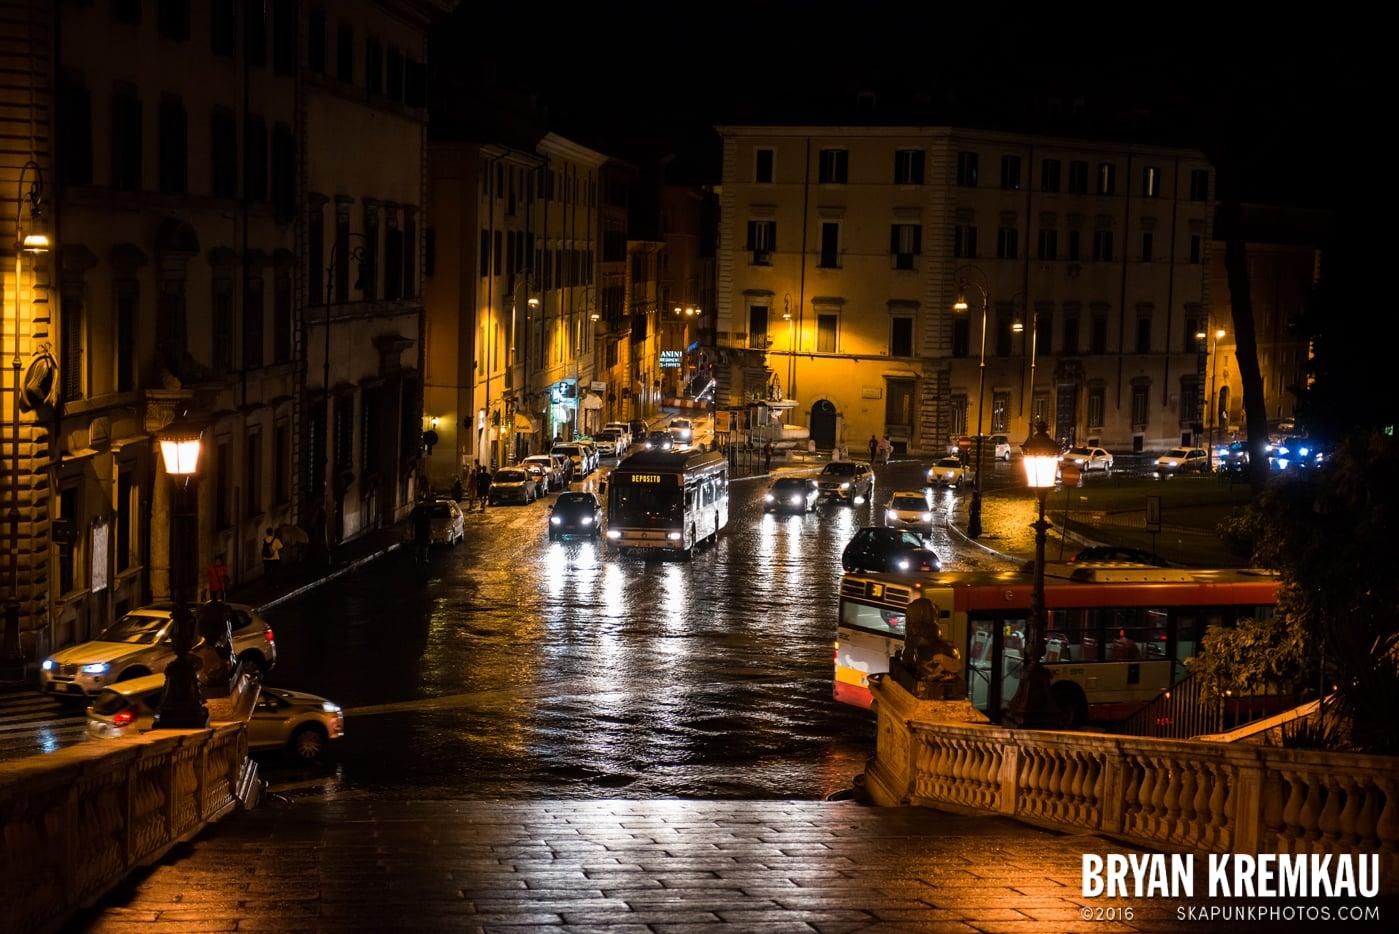 Italy Vacation - Day 2: Rome - 9.10.13 (13)